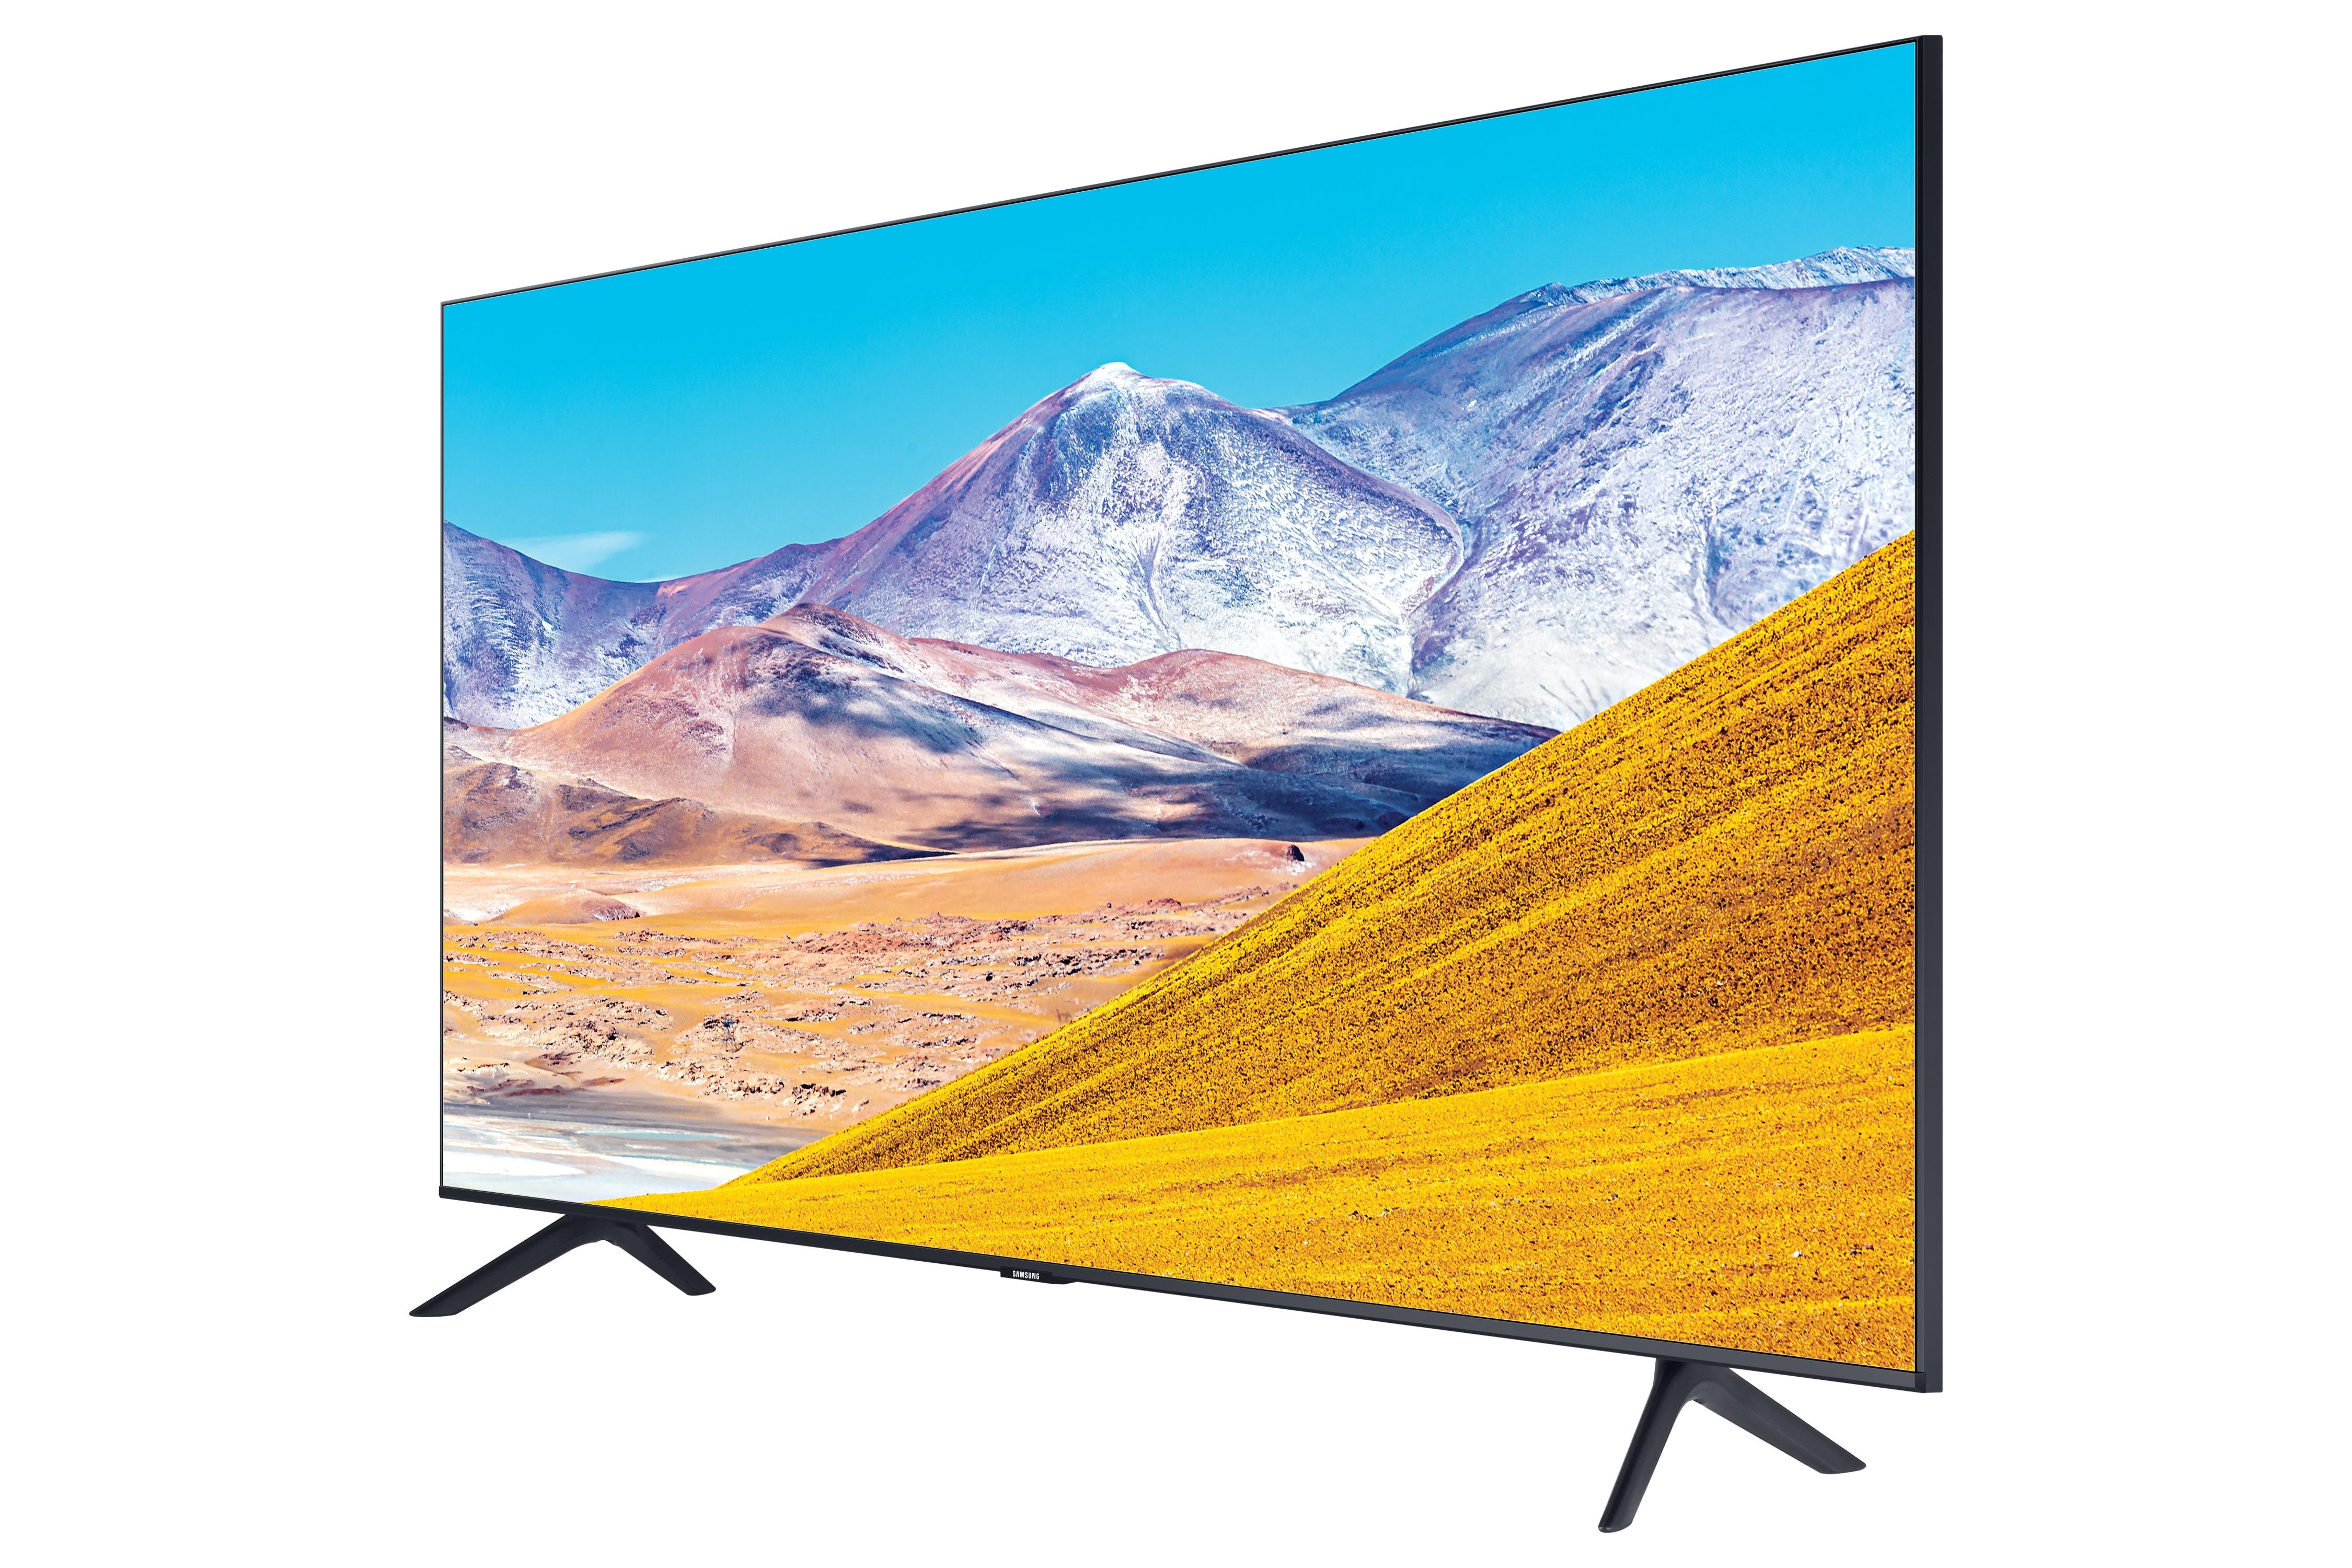 Op Perfect LCD is alles over televisie te vinden: waaronder expert en specifiek Samsung UE43TU8070S 43 inch UHD TV